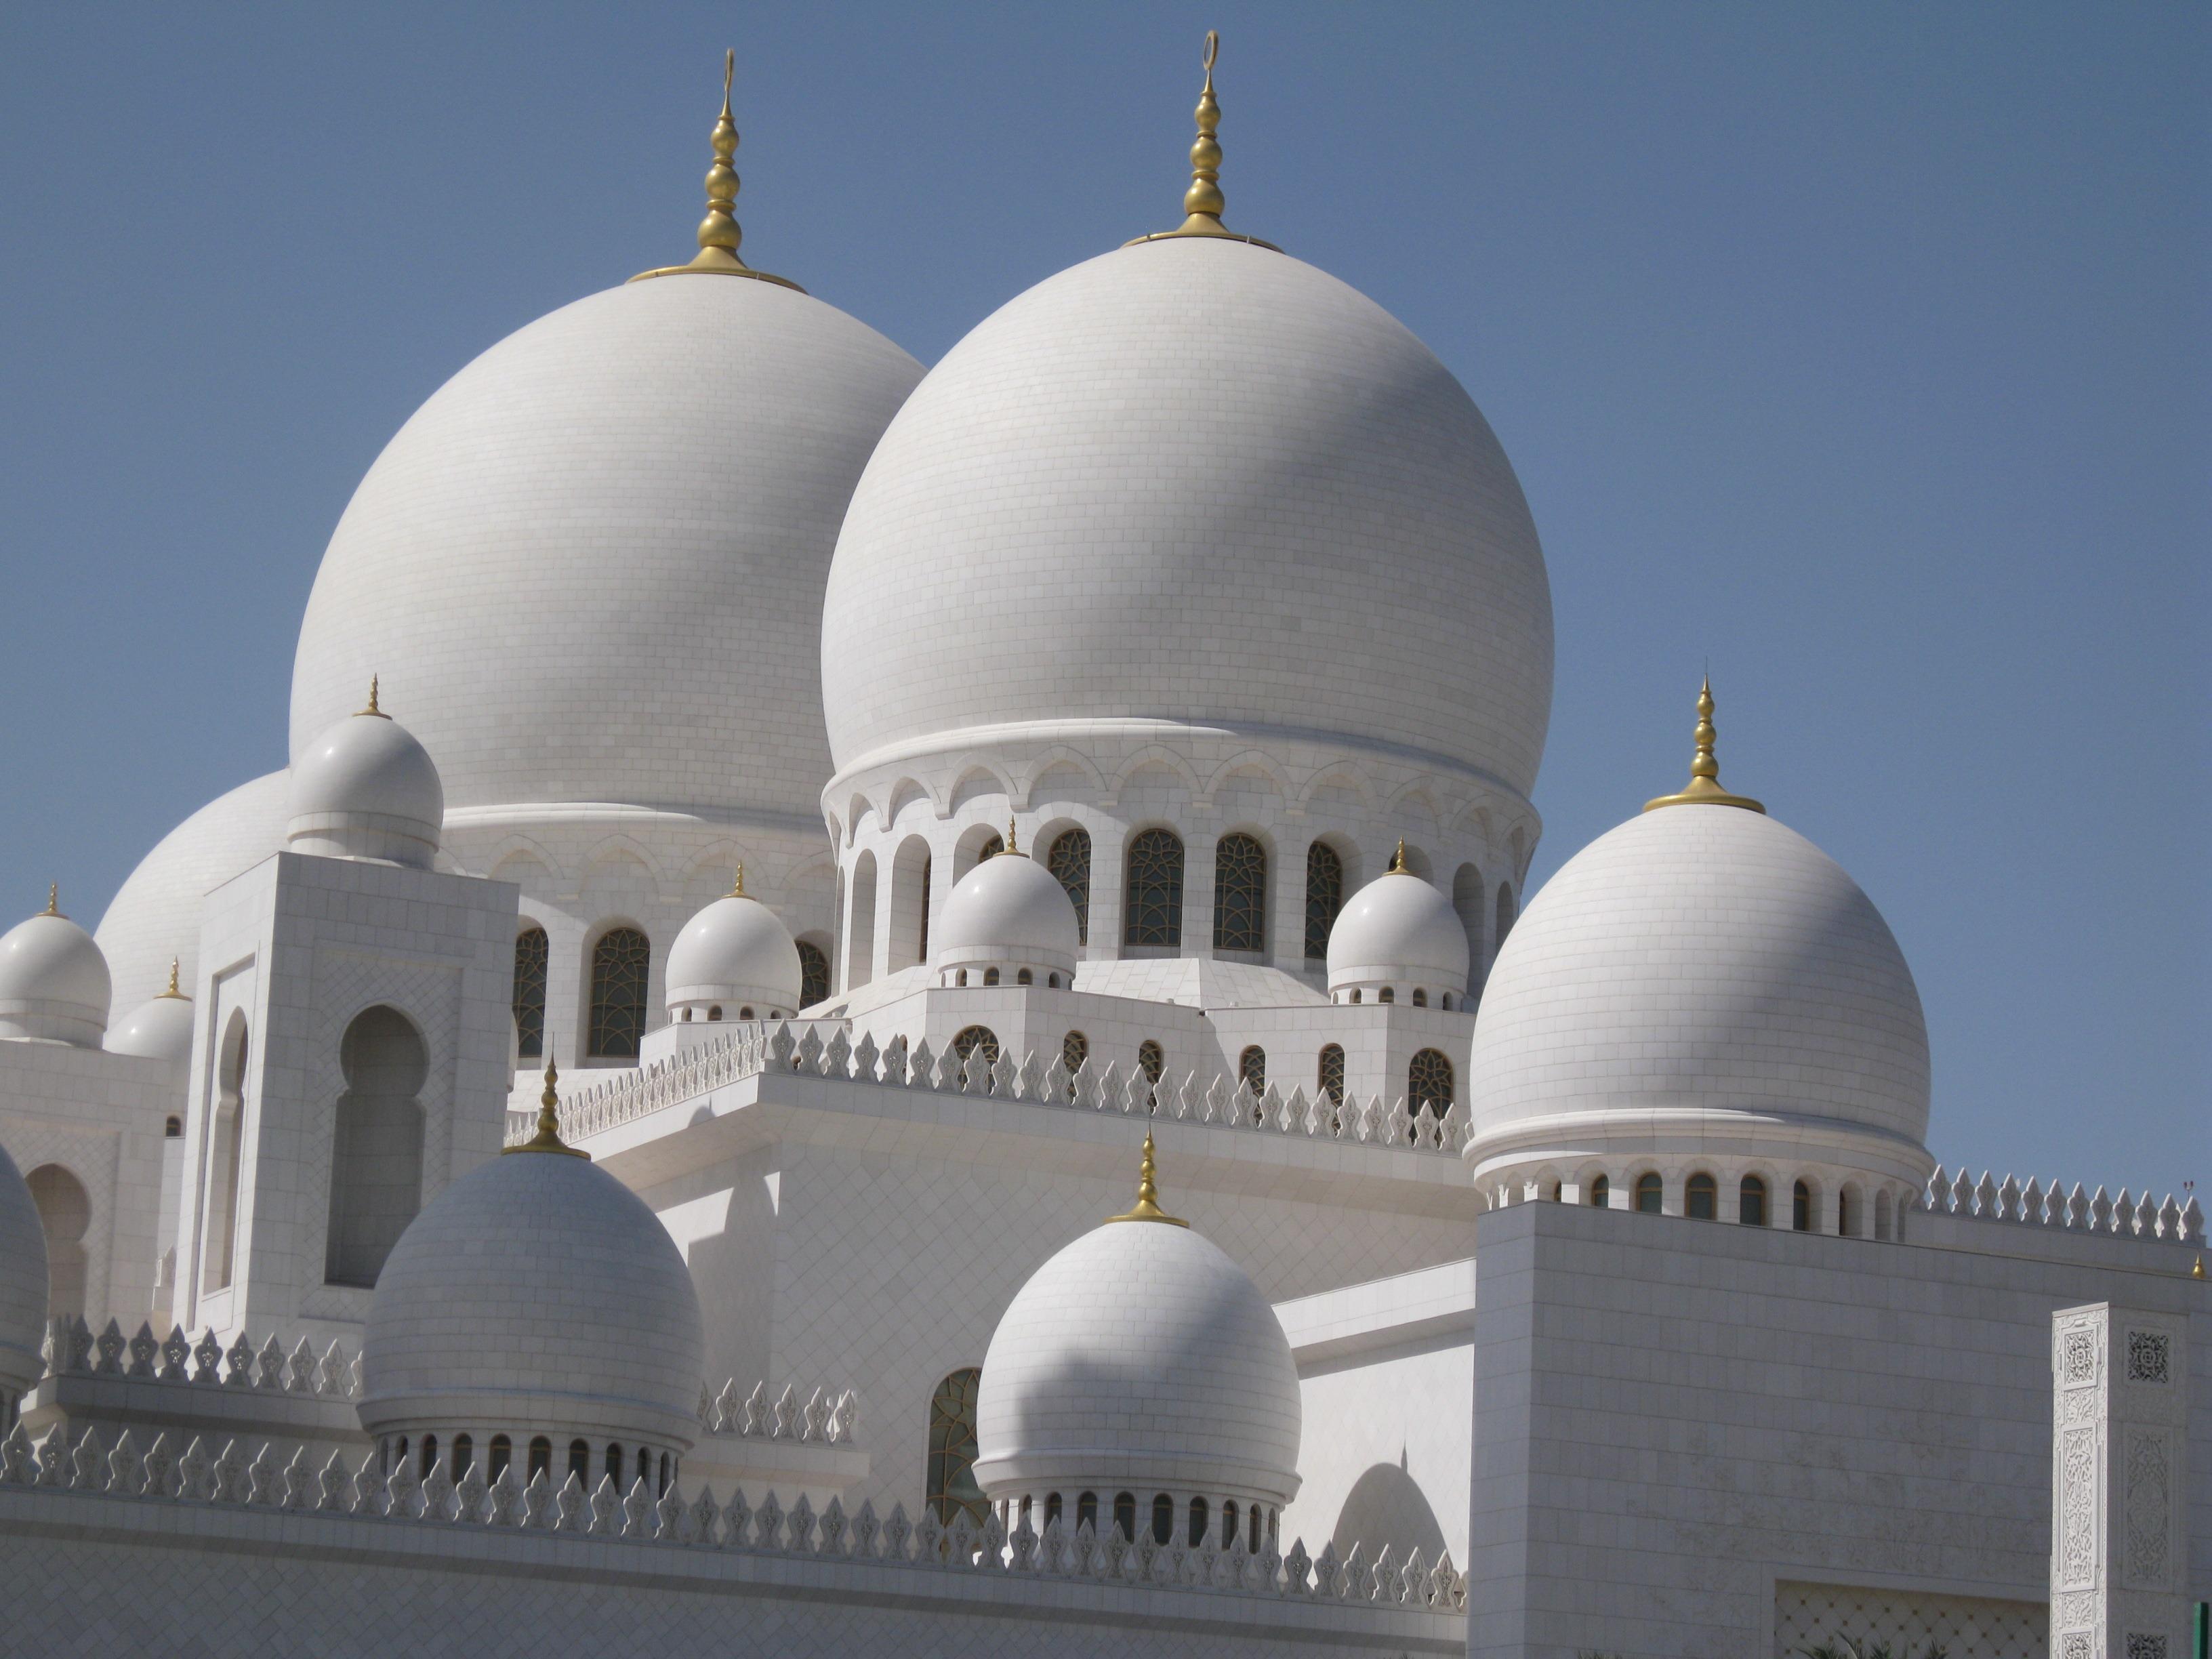 edificio lugar de adoracin grandioso edificios mezquita uae cpula medio arbica este musulmn islmico